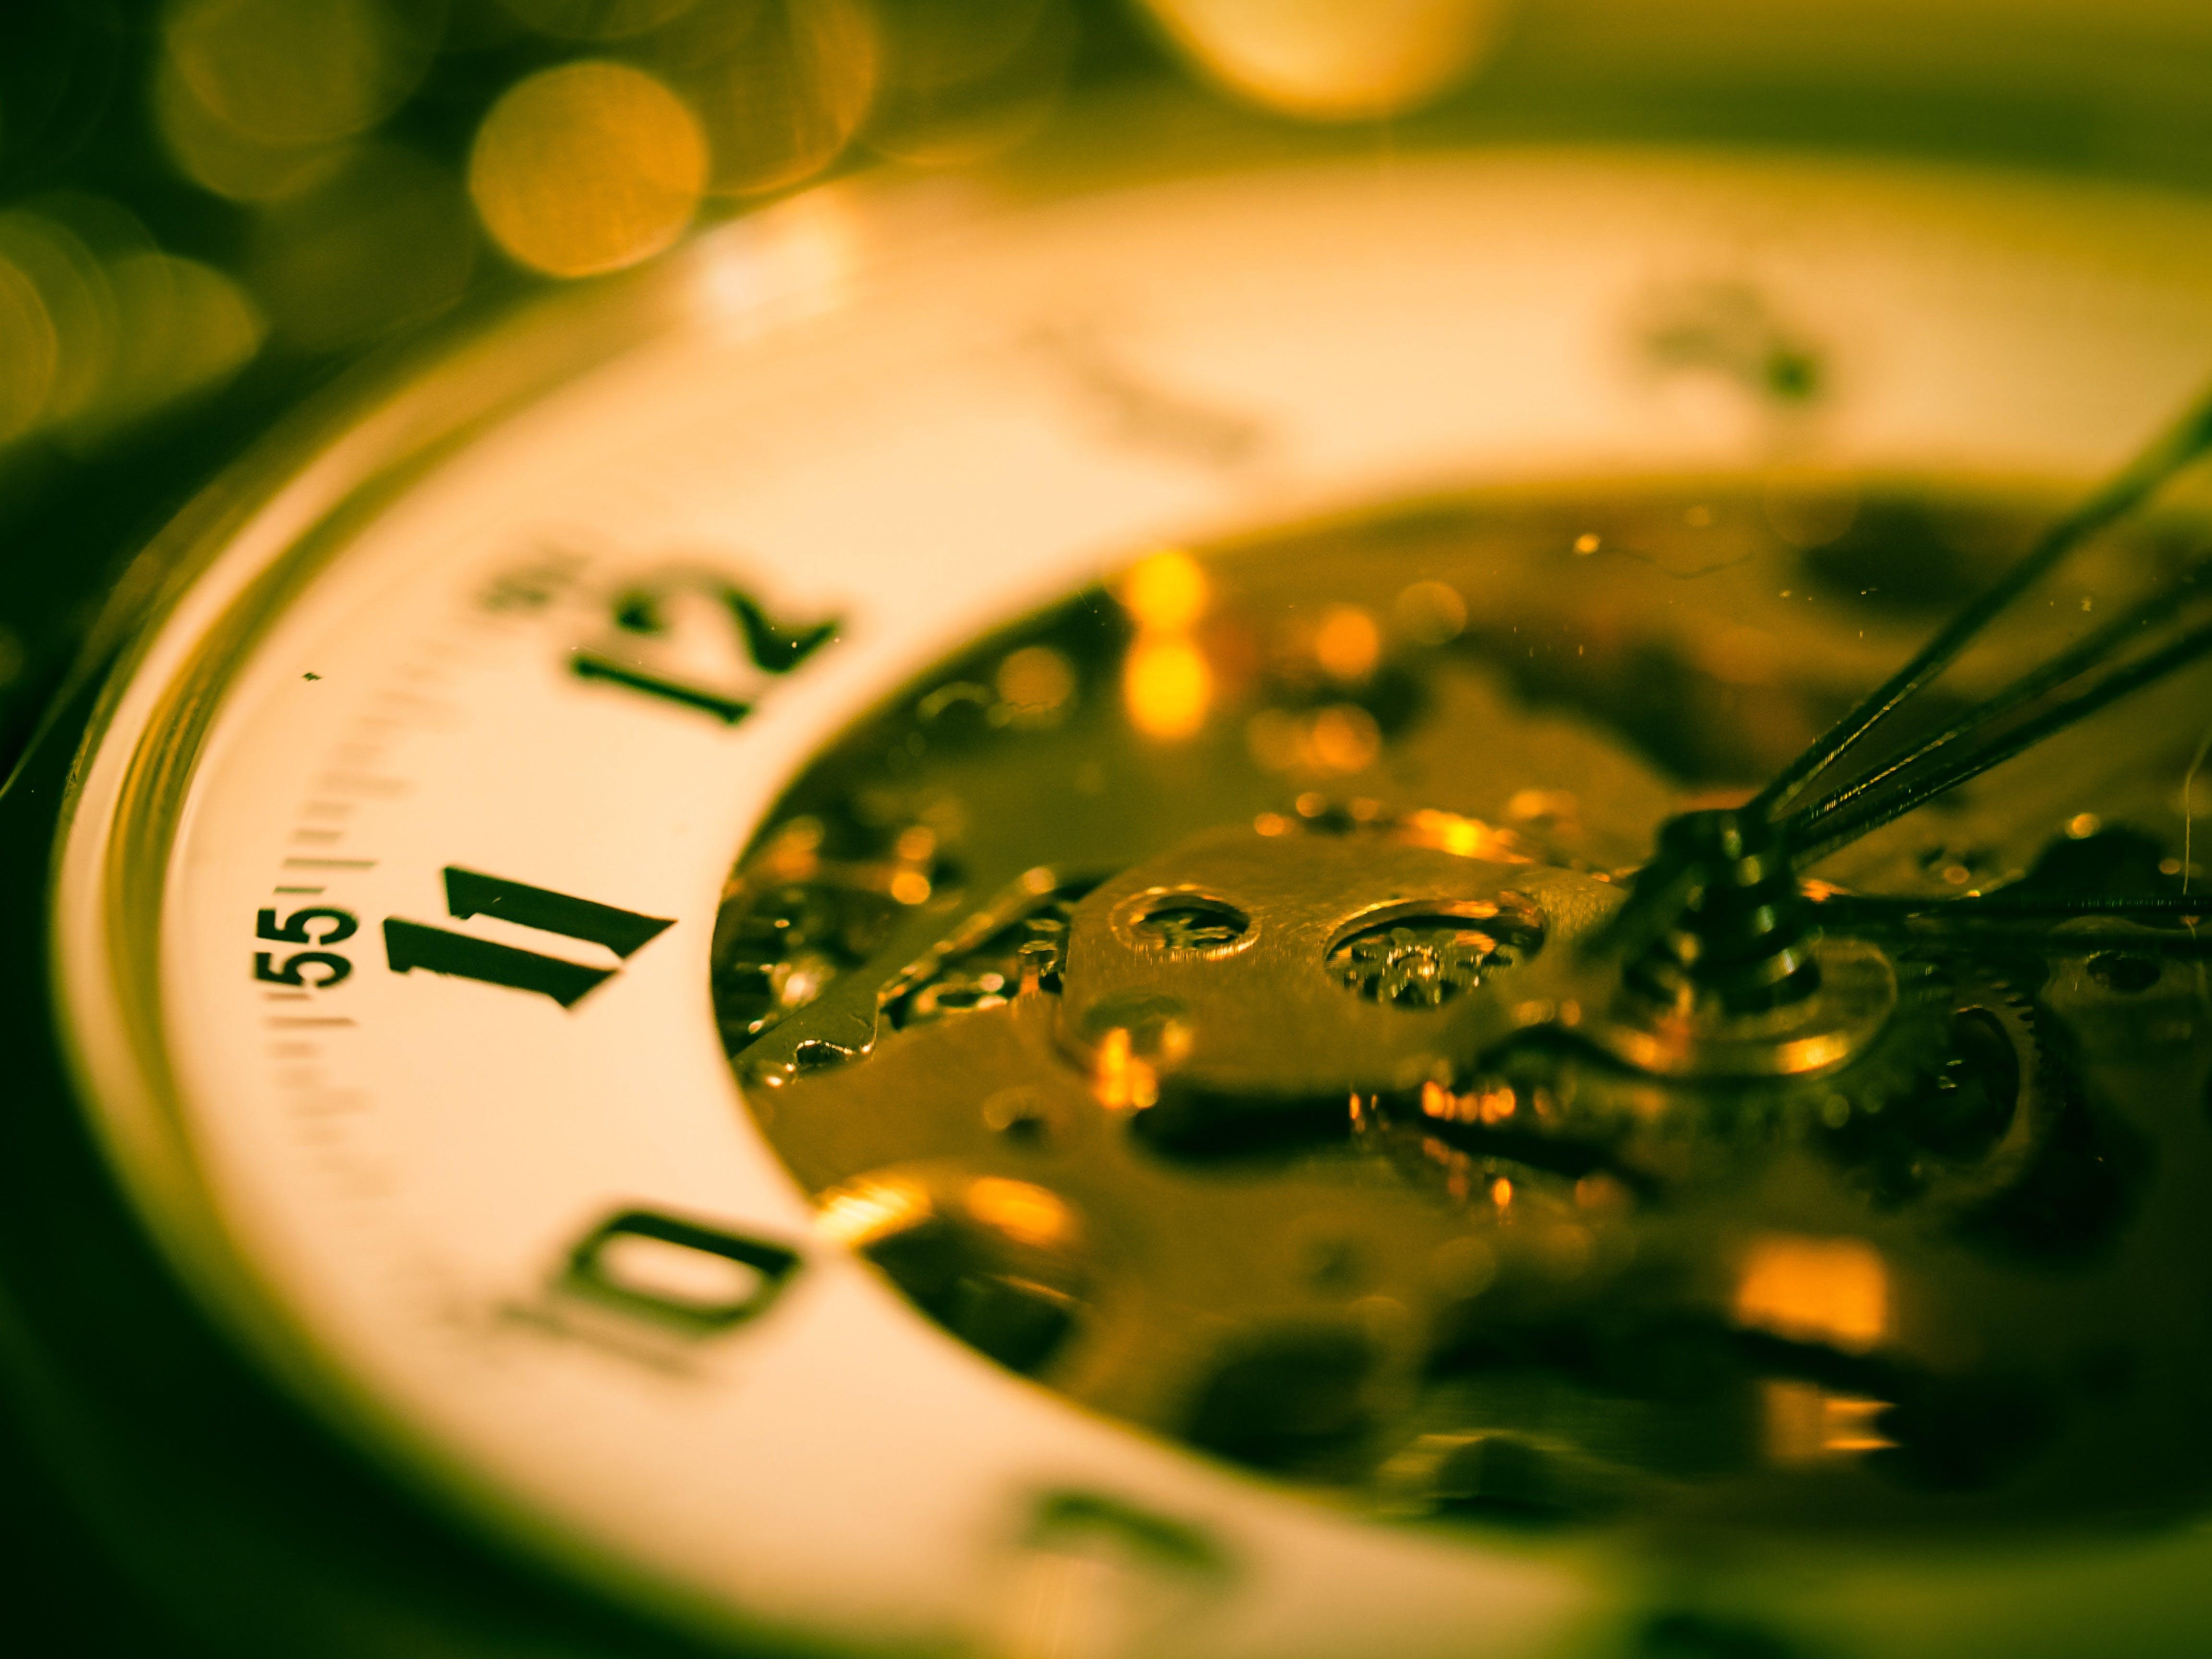 czas, czasomierz, godziny